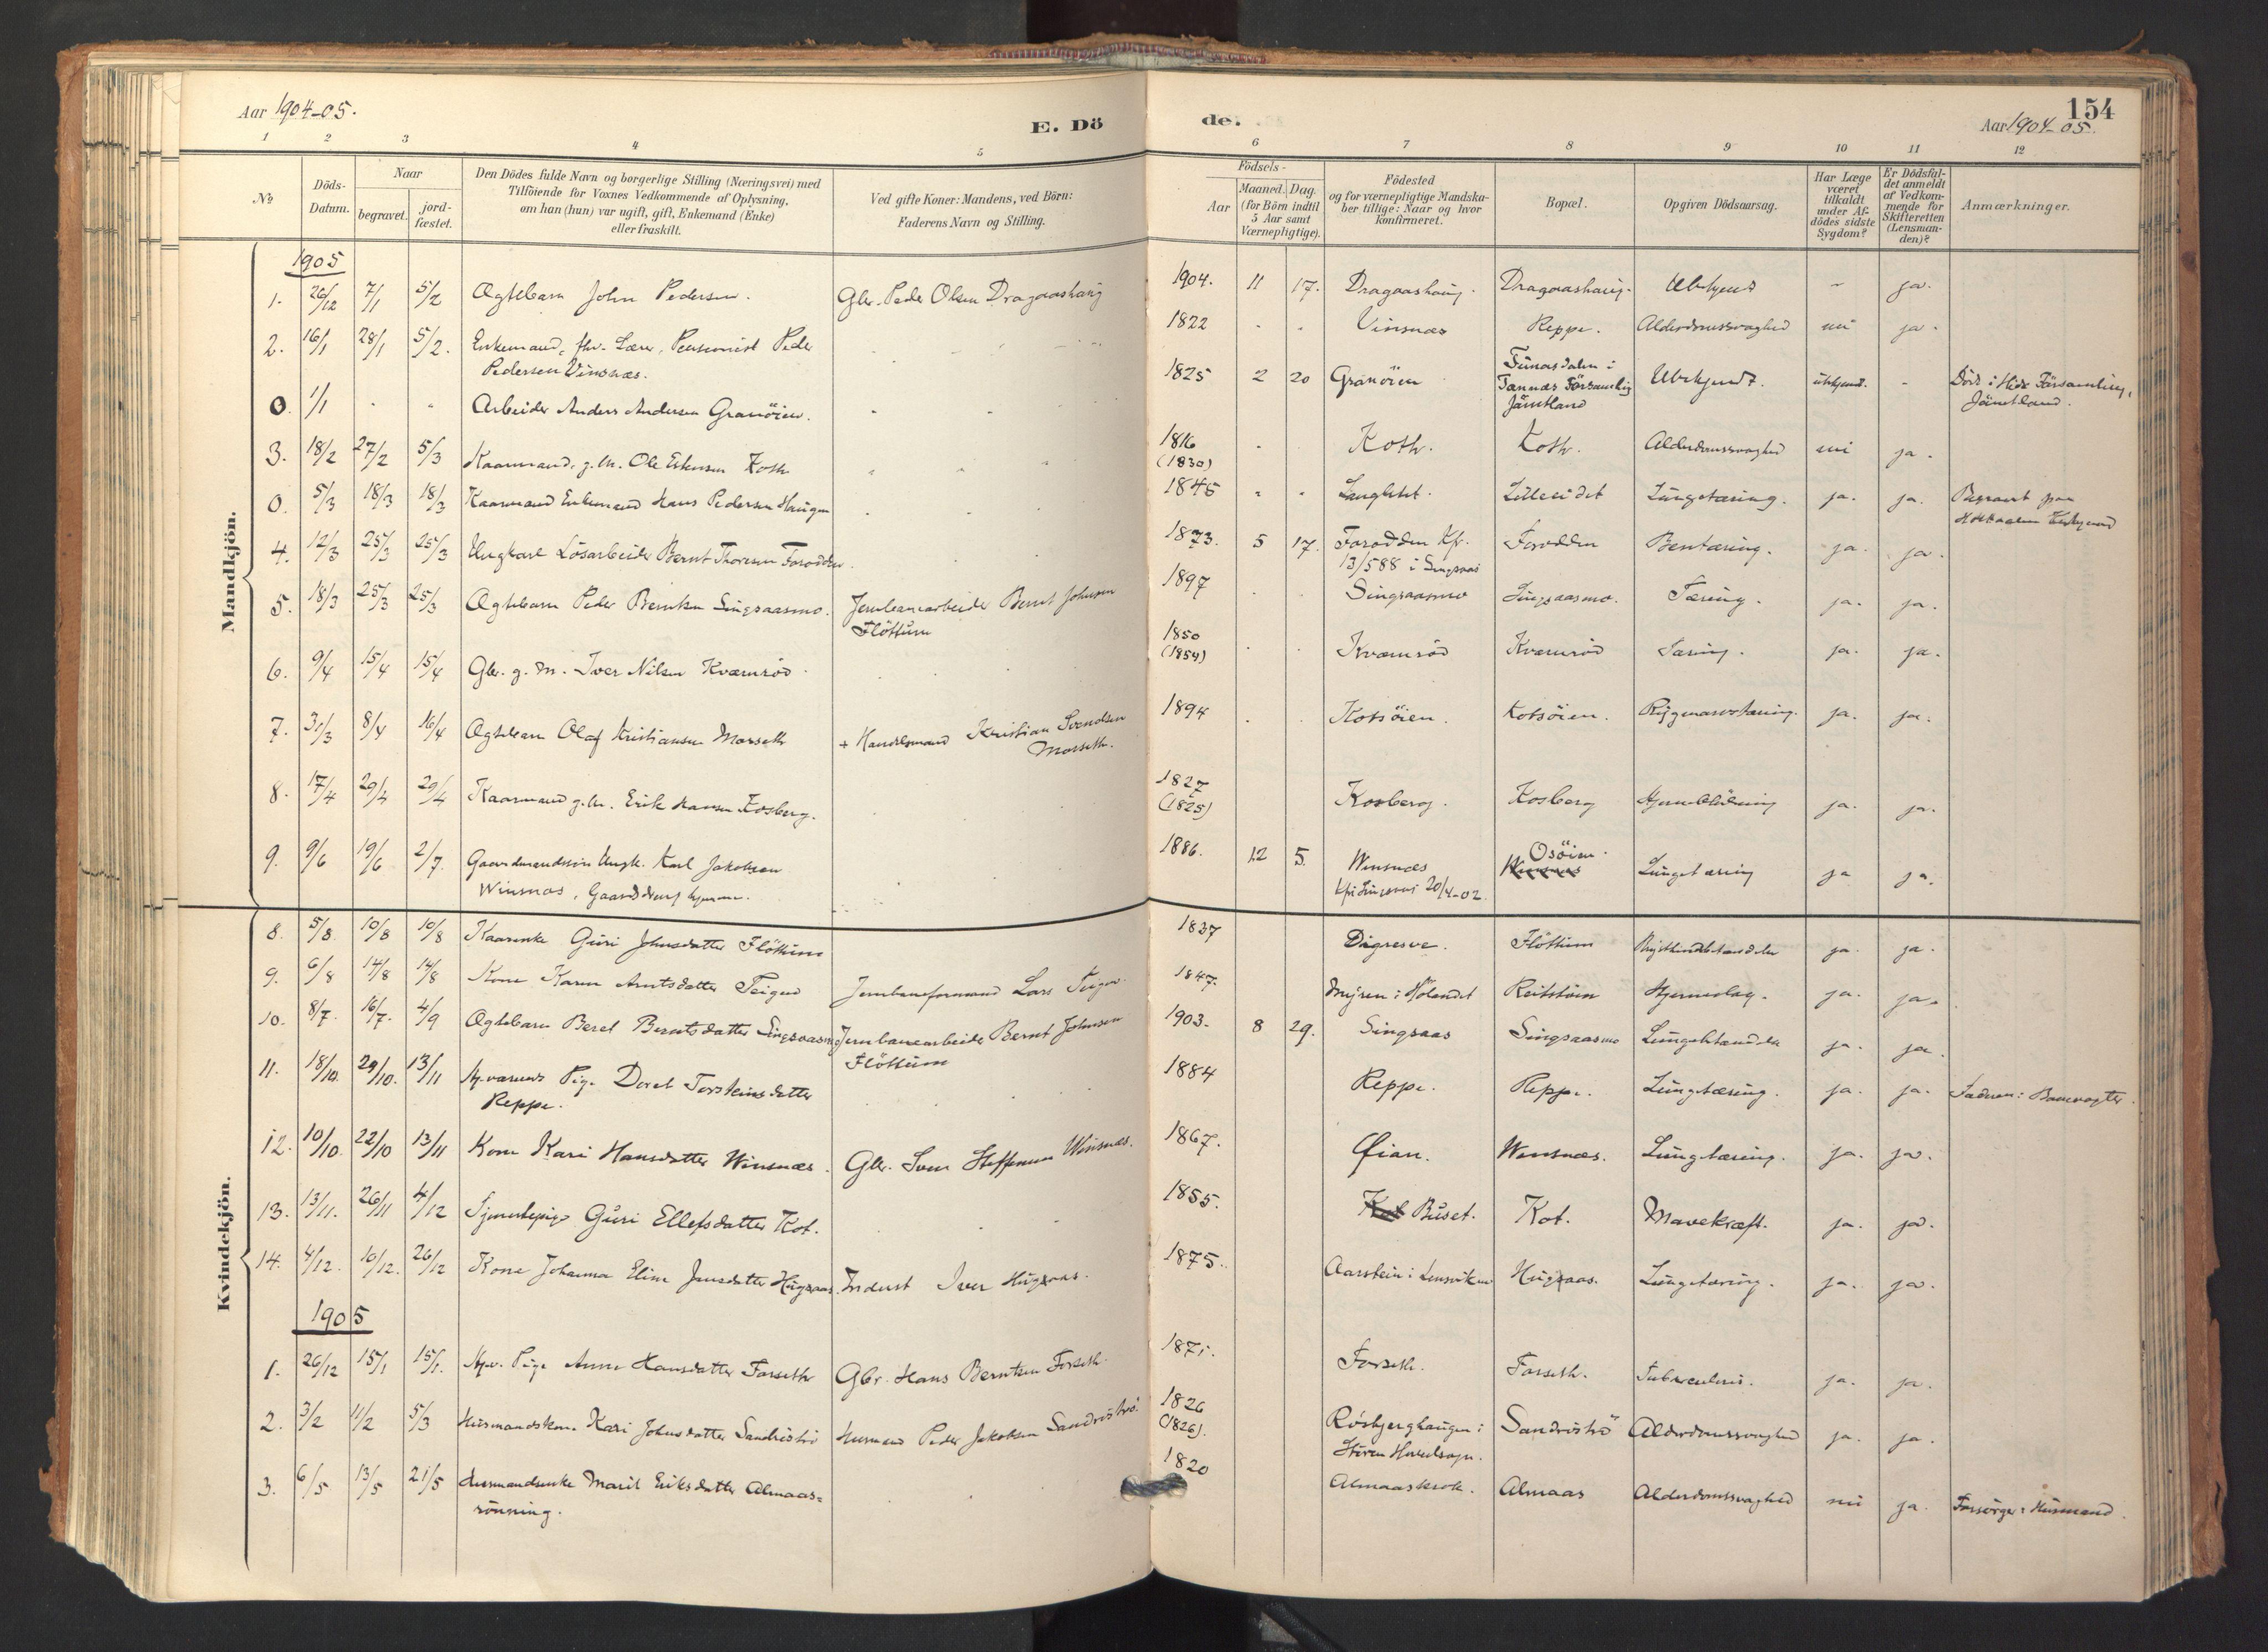 SAT, Ministerialprotokoller, klokkerbøker og fødselsregistre - Sør-Trøndelag, 688/L1025: Ministerialbok nr. 688A02, 1891-1909, s. 154